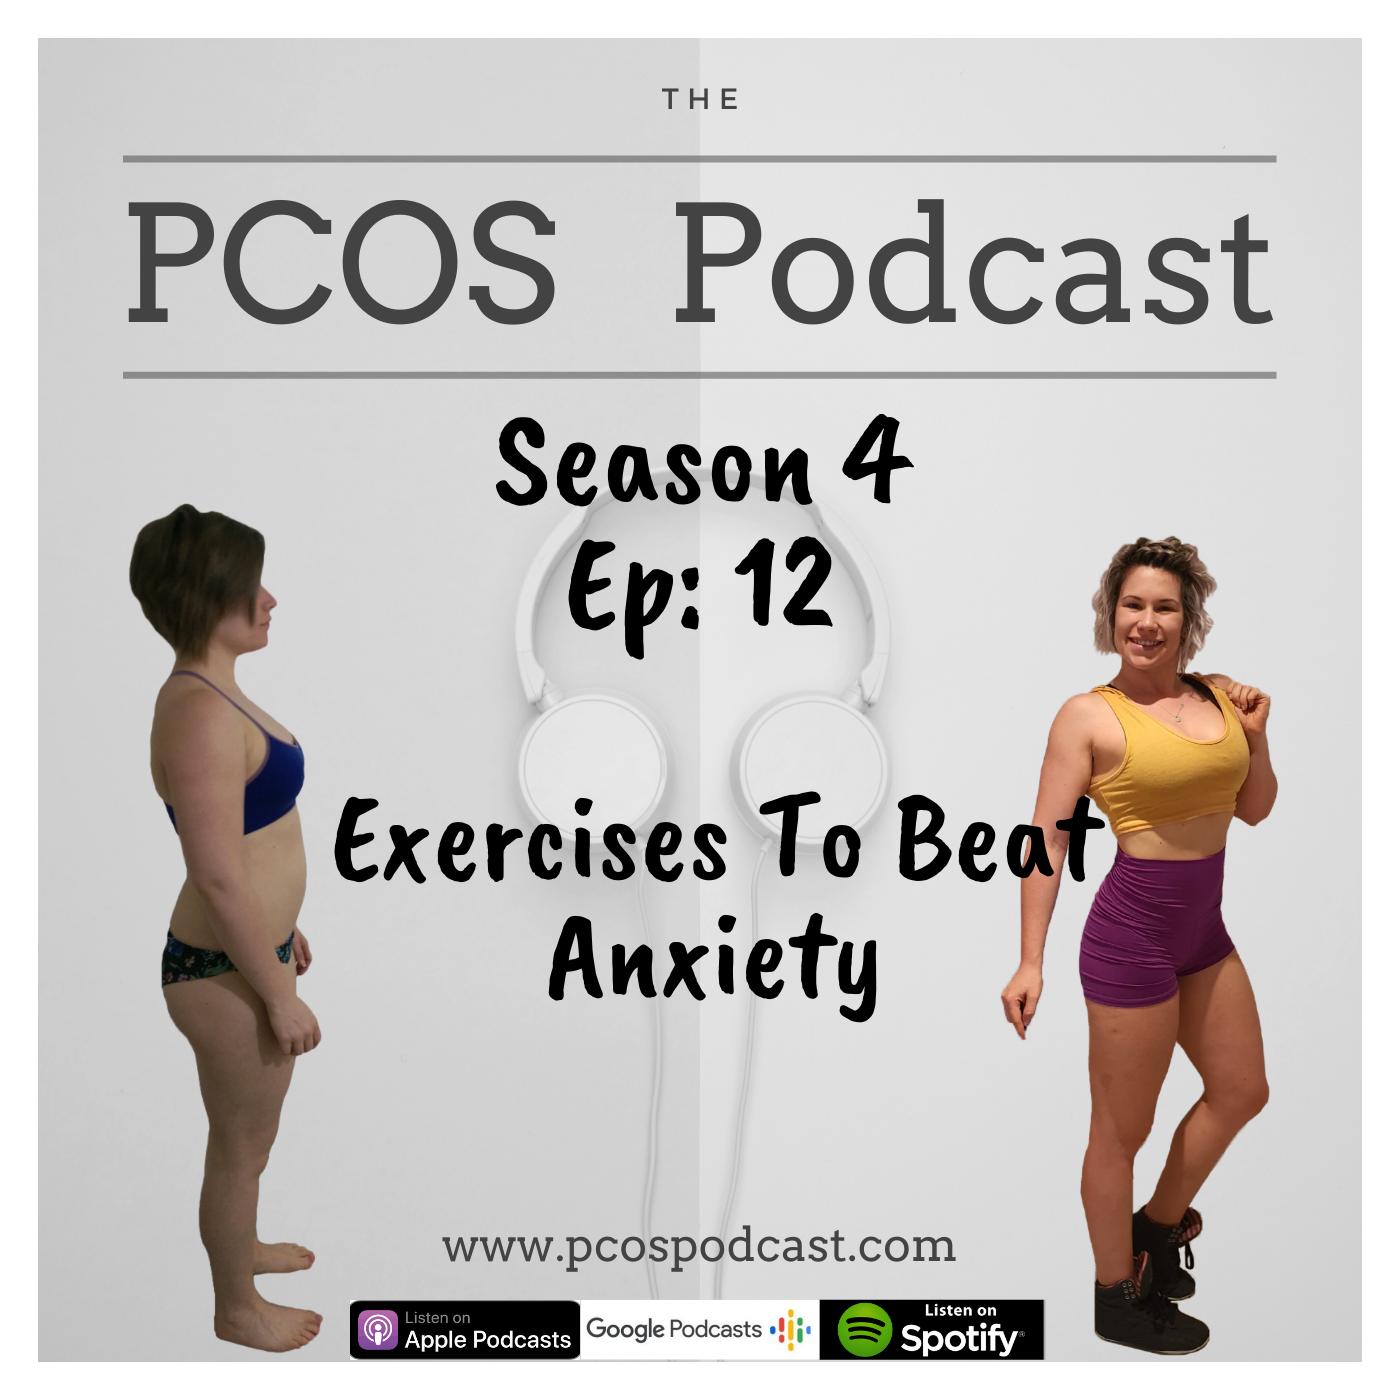 S4 E12 - ExercisesToBeatAnxiety